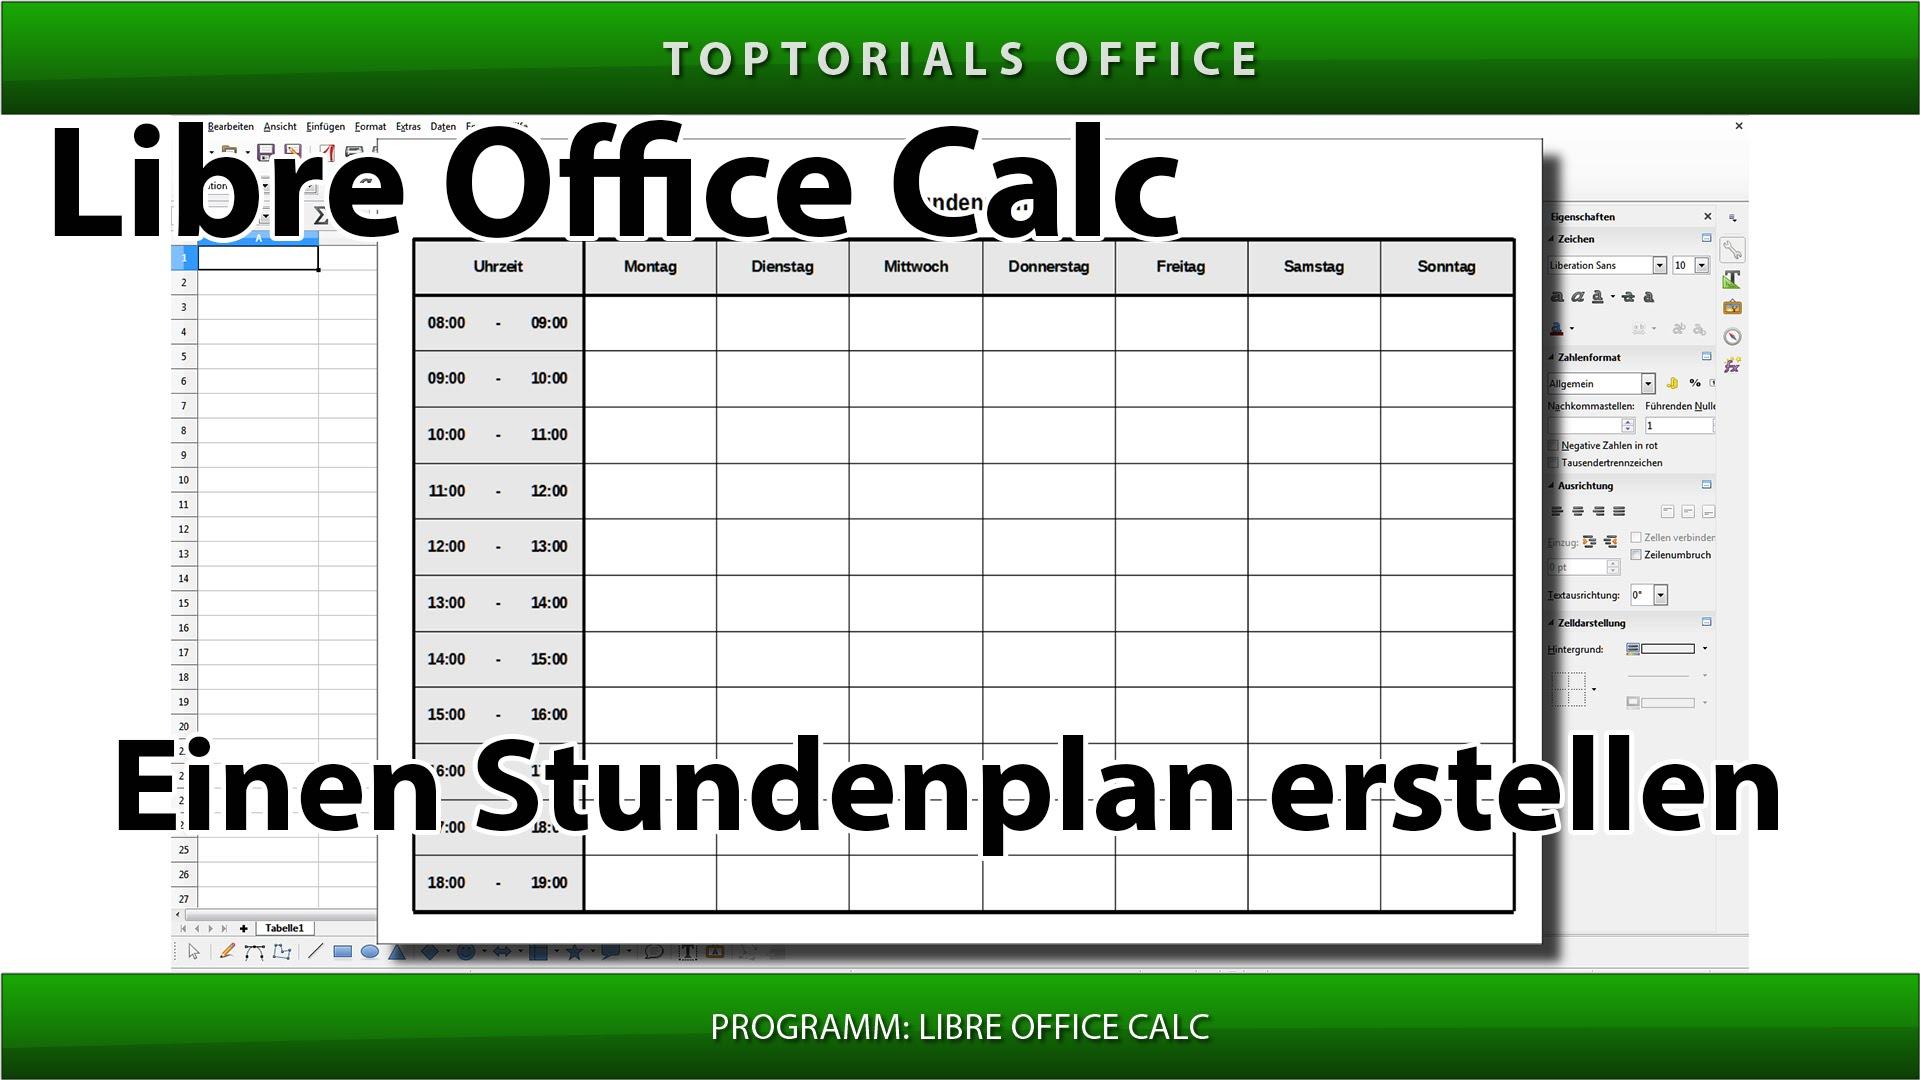 LibreOffice Calc Stundenplan erstellen - TOPTORIALS